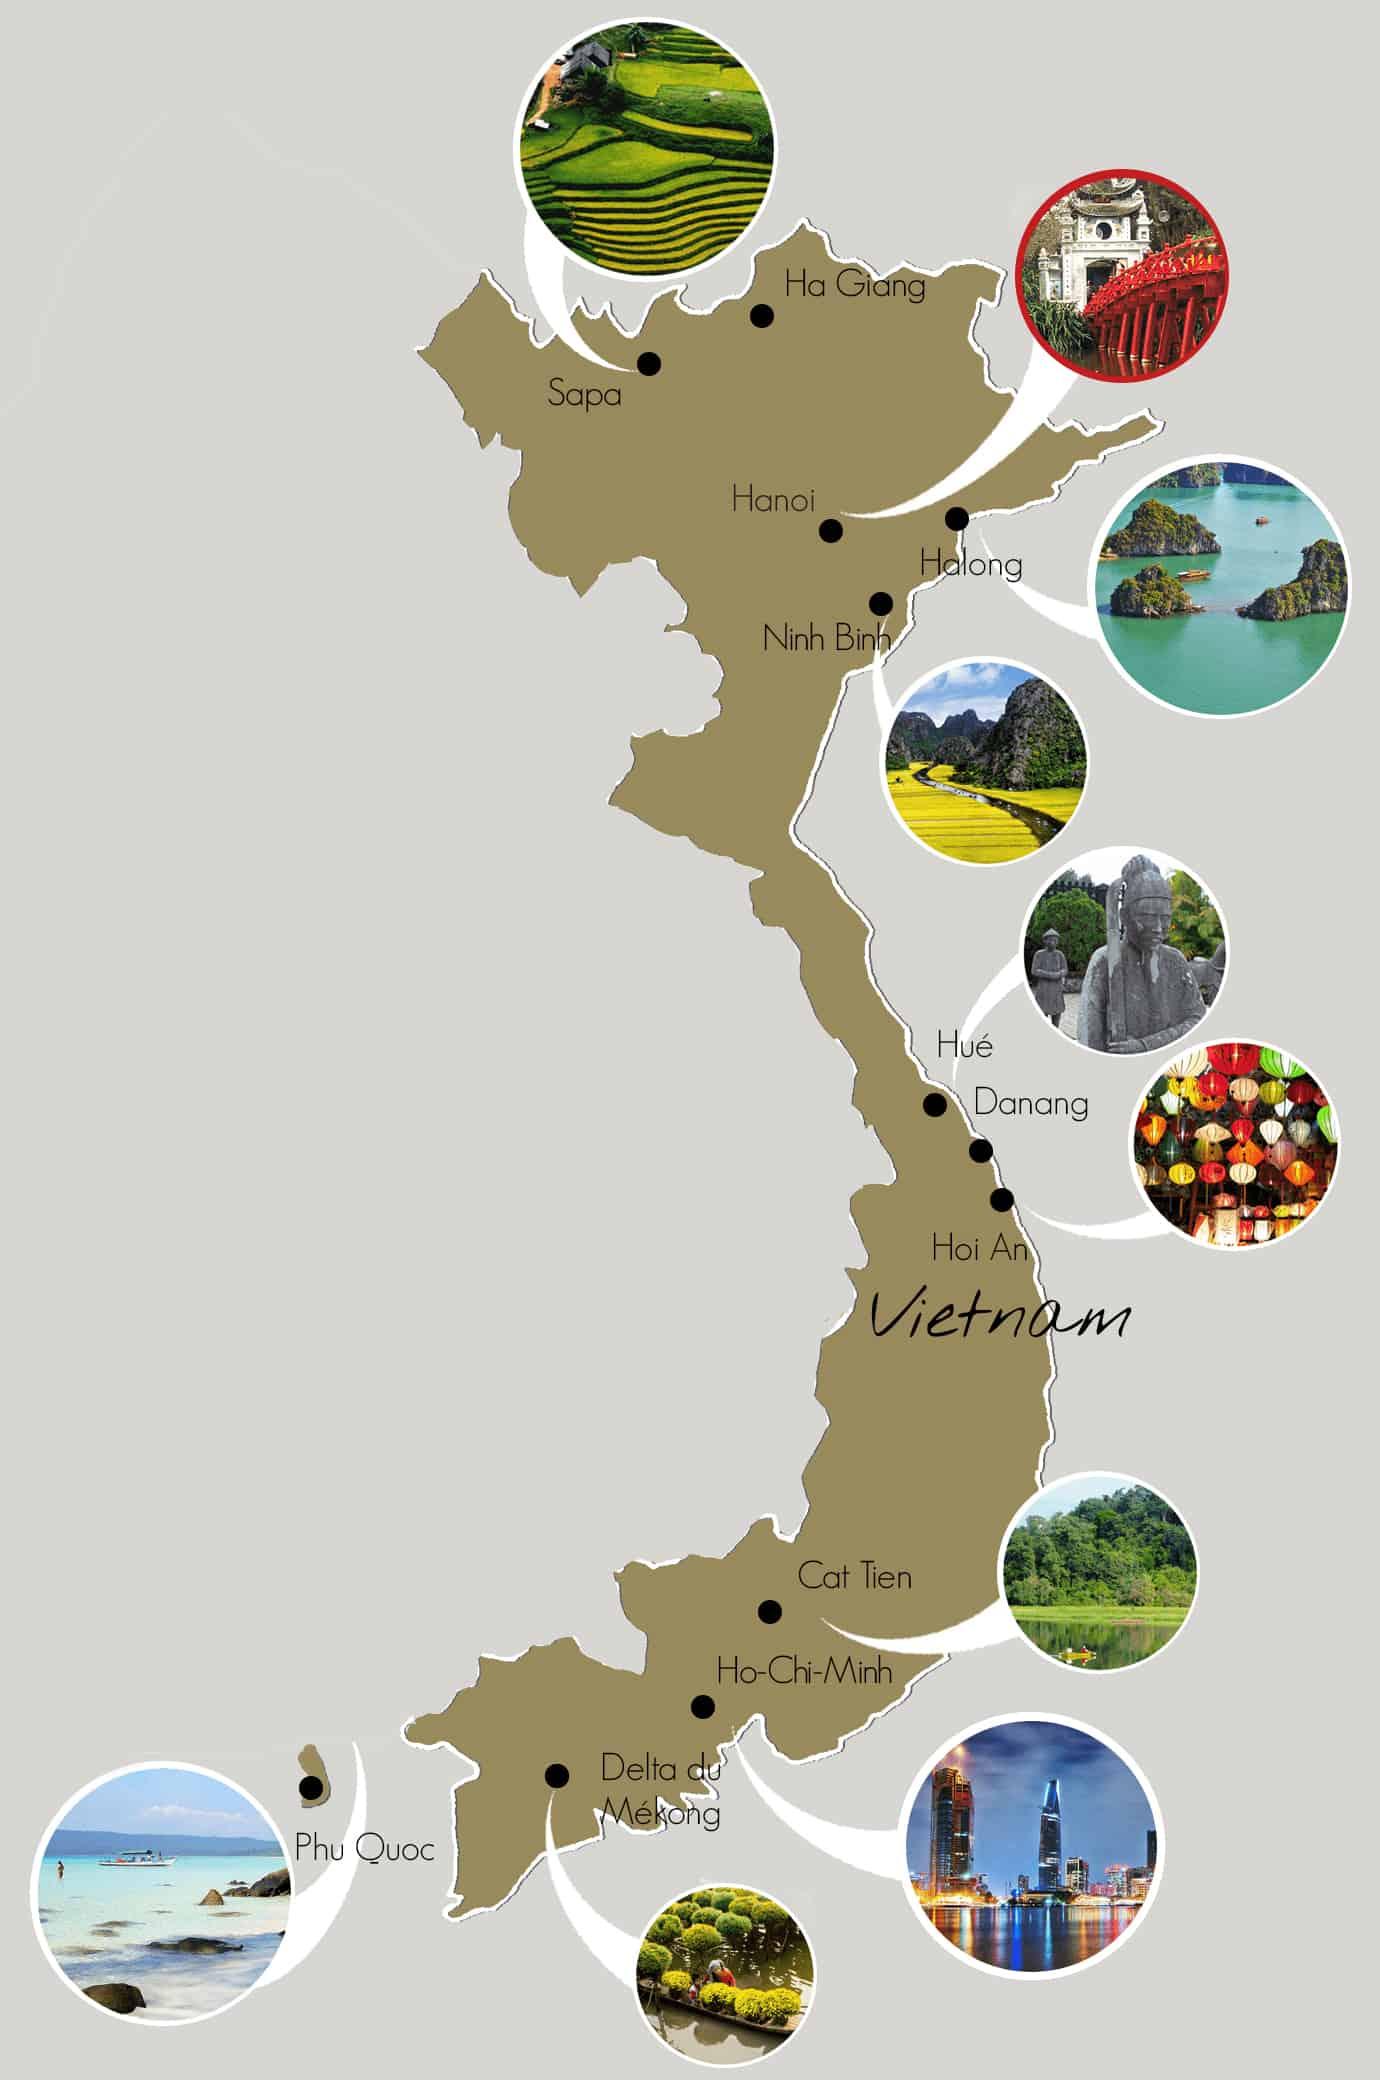 Tourism cities in Vietnam